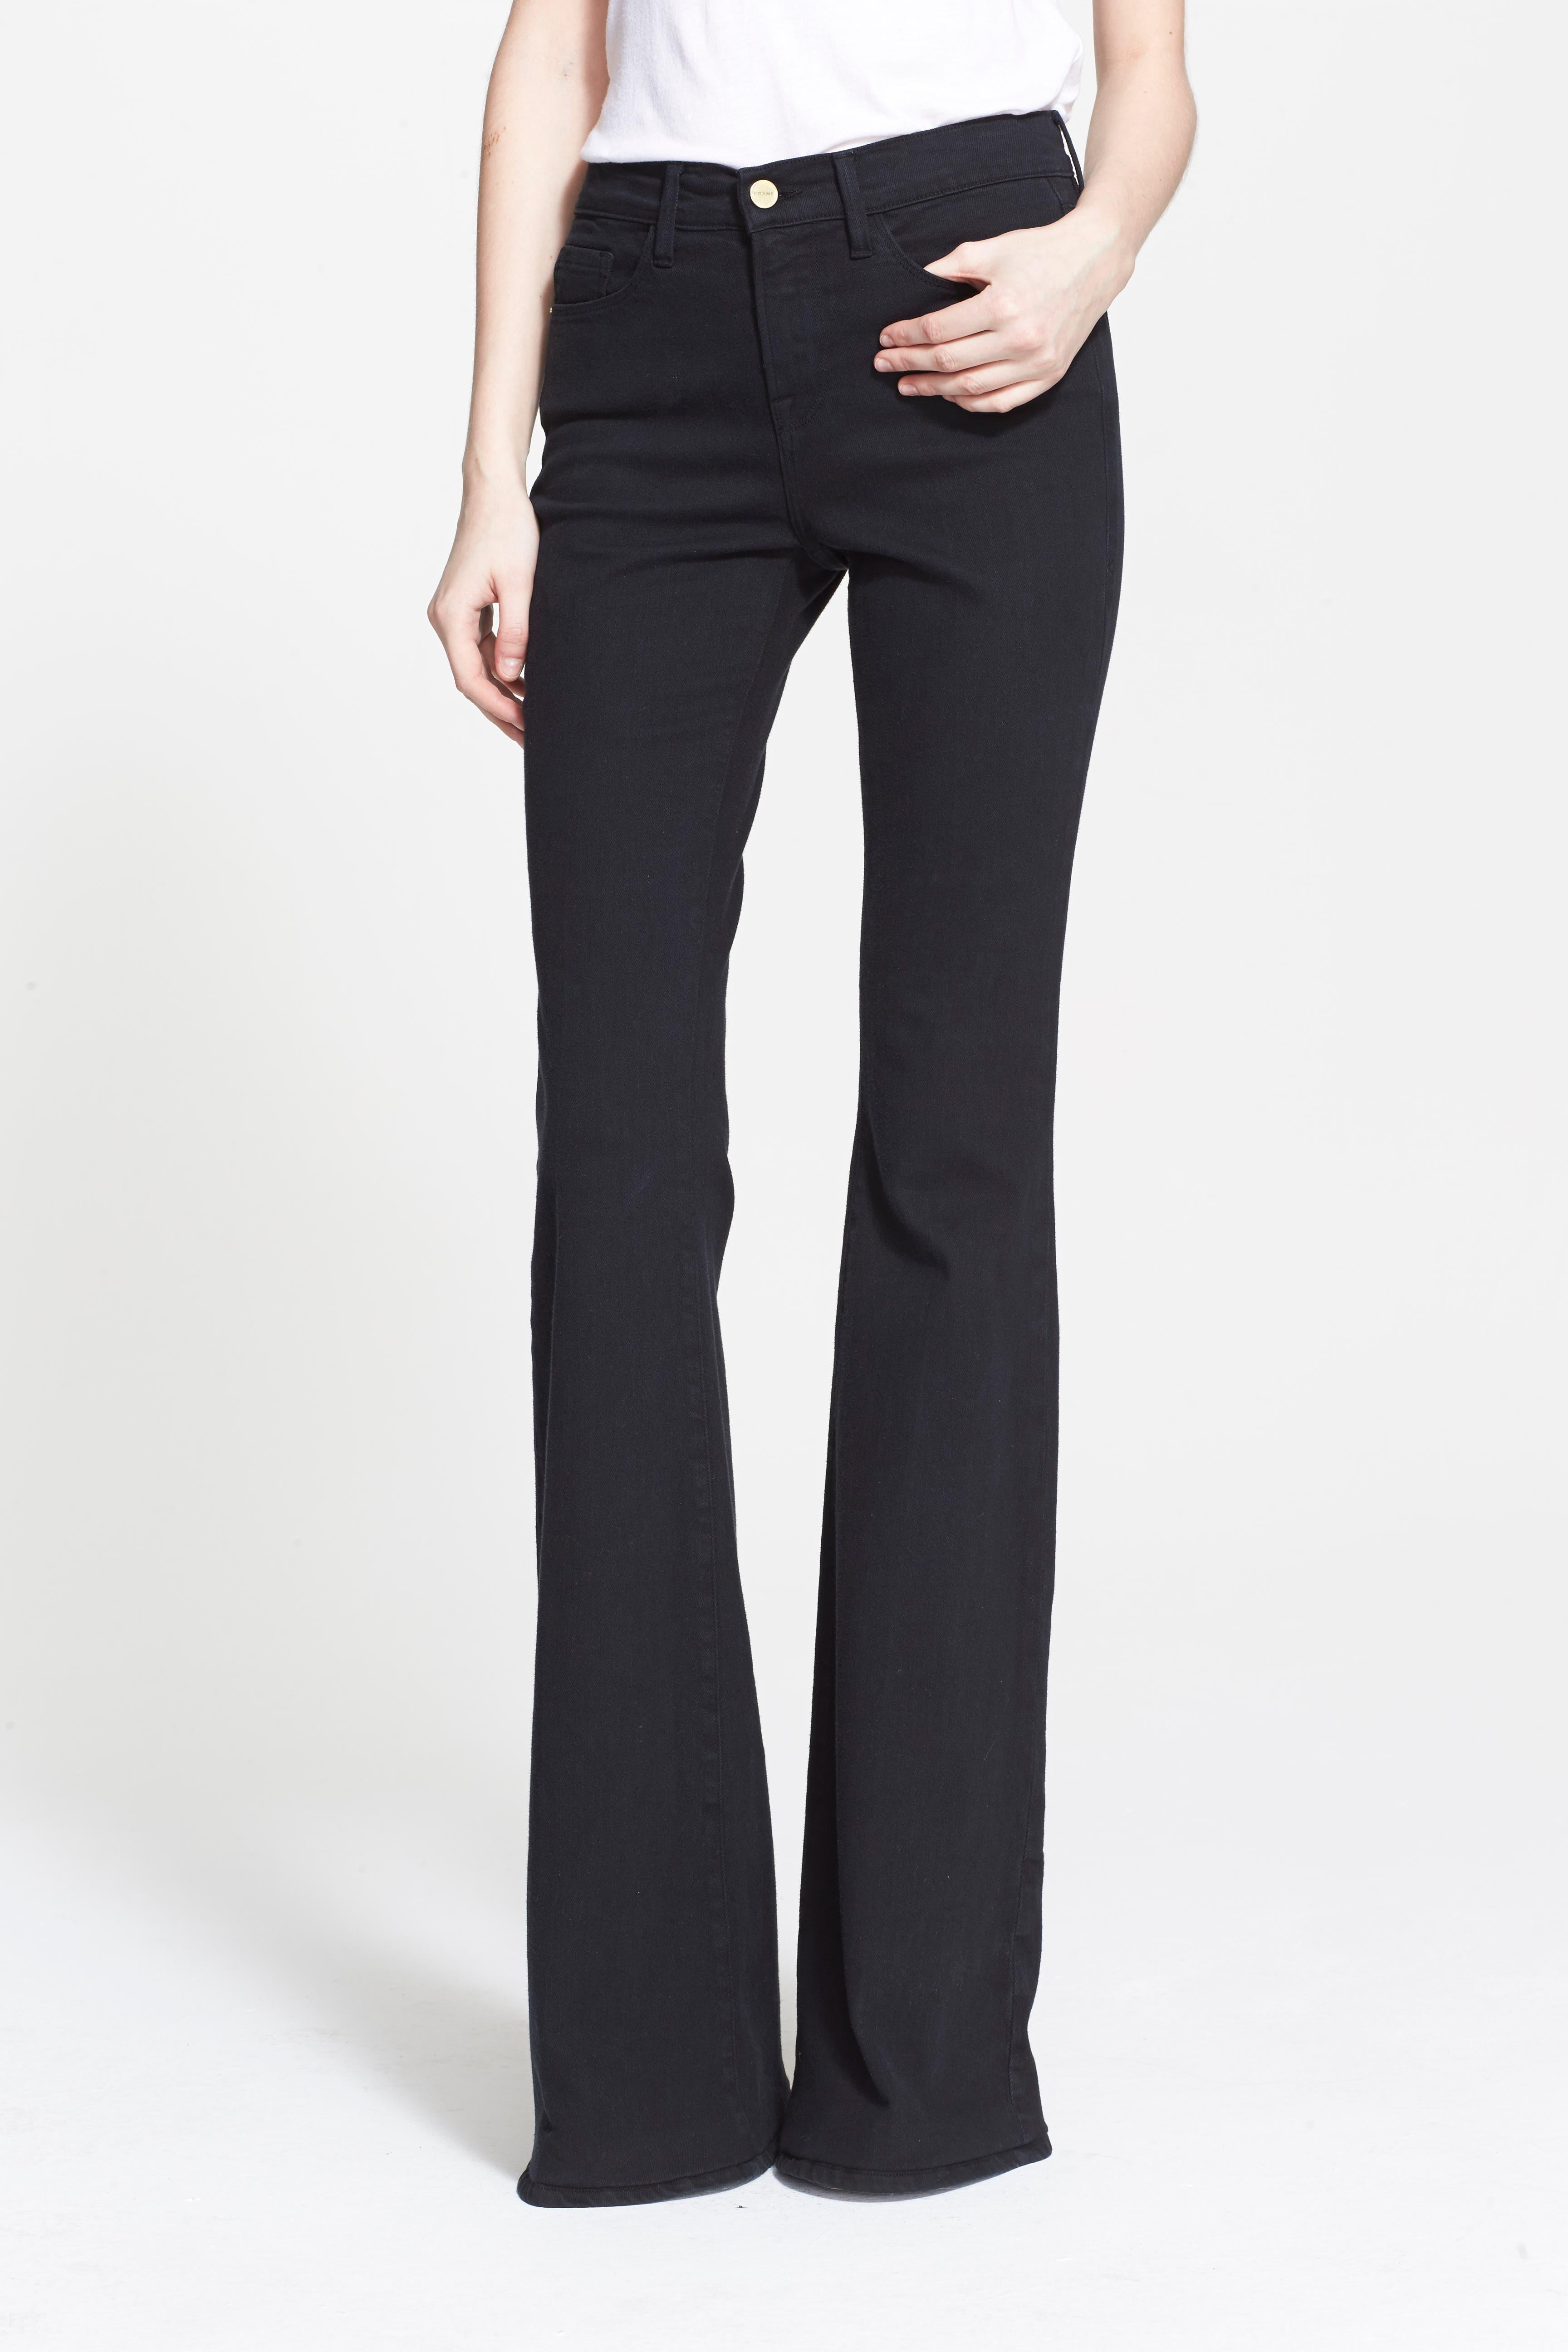 Women's Frame Forever Karlie High Waist Flare Jeans